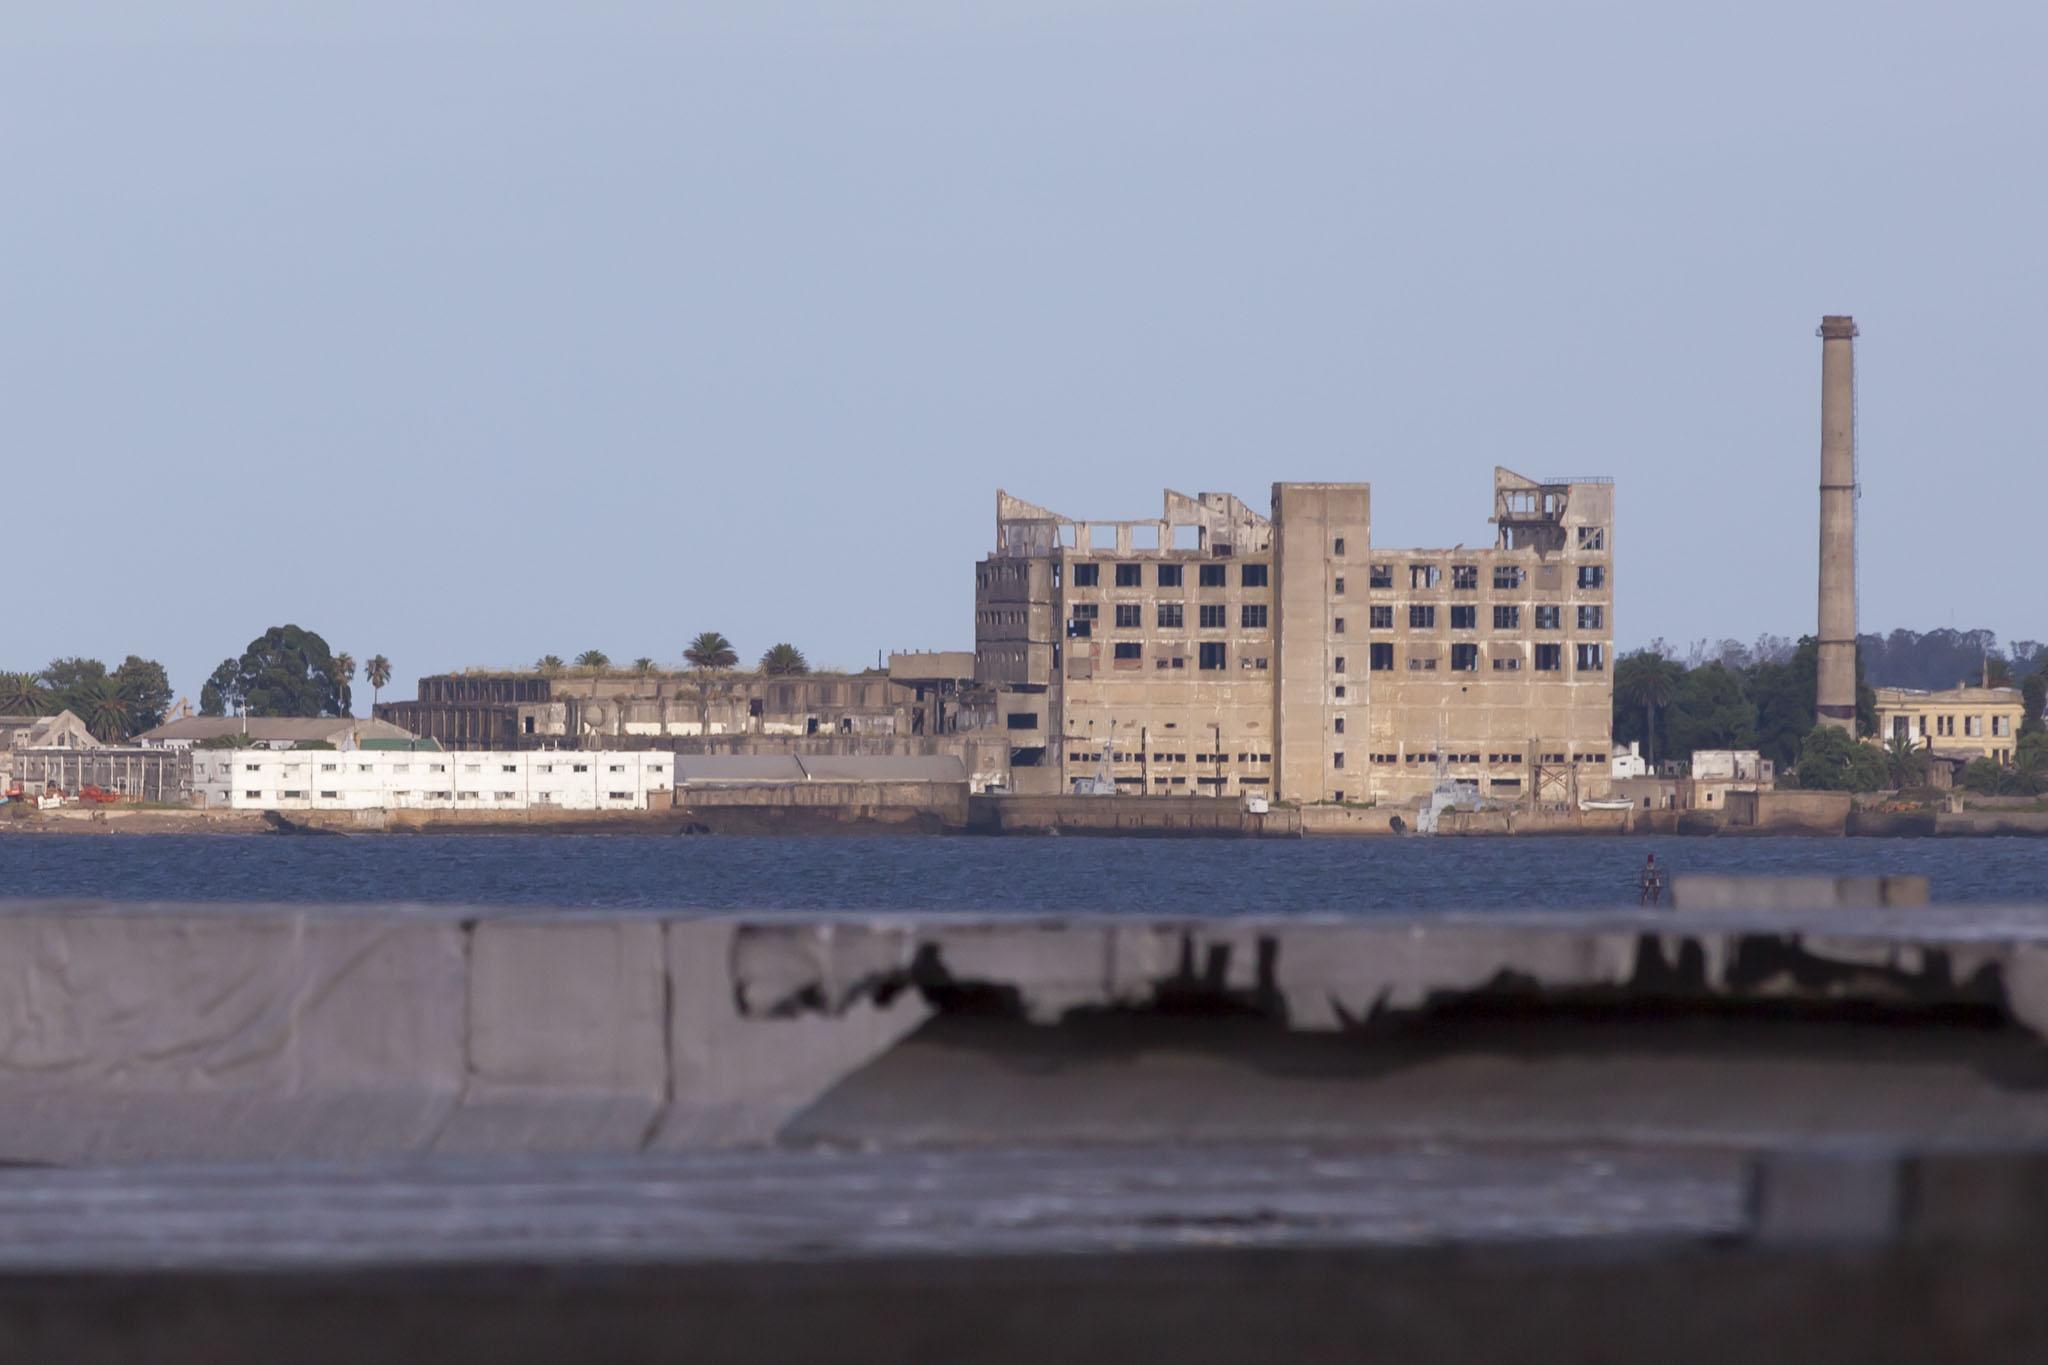 Distant Concrete Building